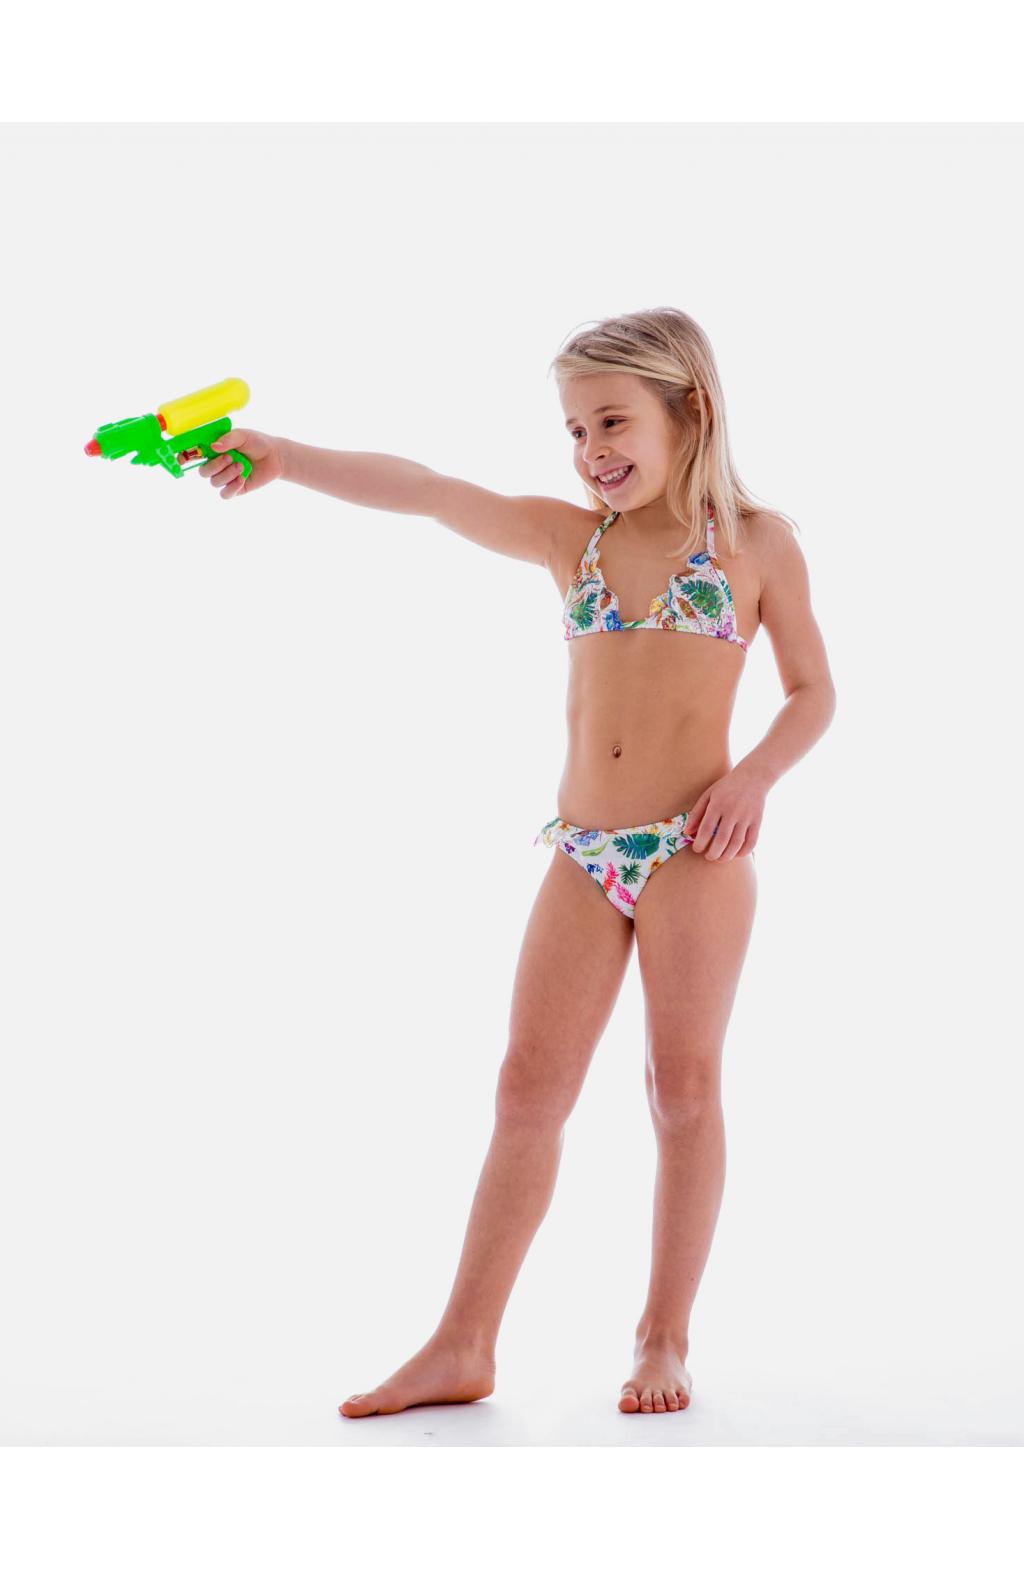 Costumi da bagno, spiaggia 1 Abbigliamento bambino neonato su downloadsolutionspa5tr.gq, taglie dai 0 ai 36 downloadsolutionspa5tr.gq il tuo neonato è un maschietto, su downloadsolutionspa5tr.gq trovi una sezione appositamente pensata per soddisfare le sue esigenze e, al contempo, i tuoi gusti in fatto di abbigliamento. È vastissimo l'assortimento di capi di ogni genere da indossare in.